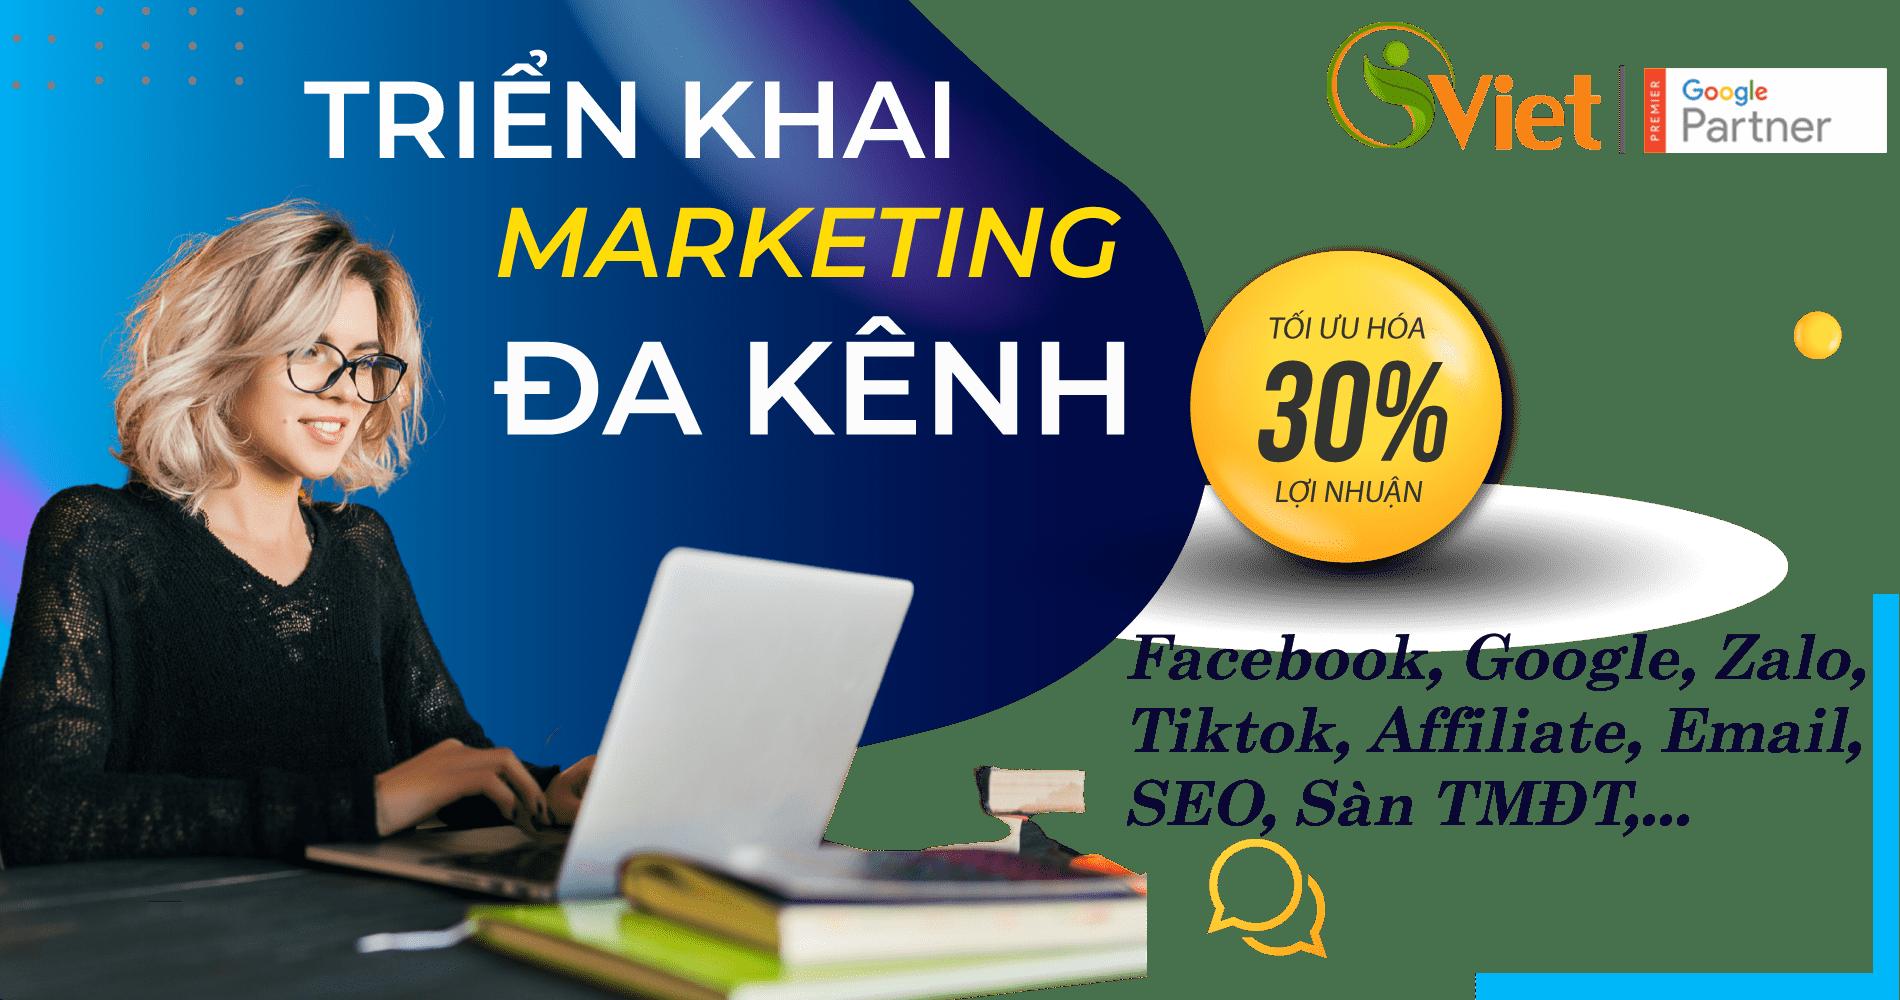 khoá học digital marketing online